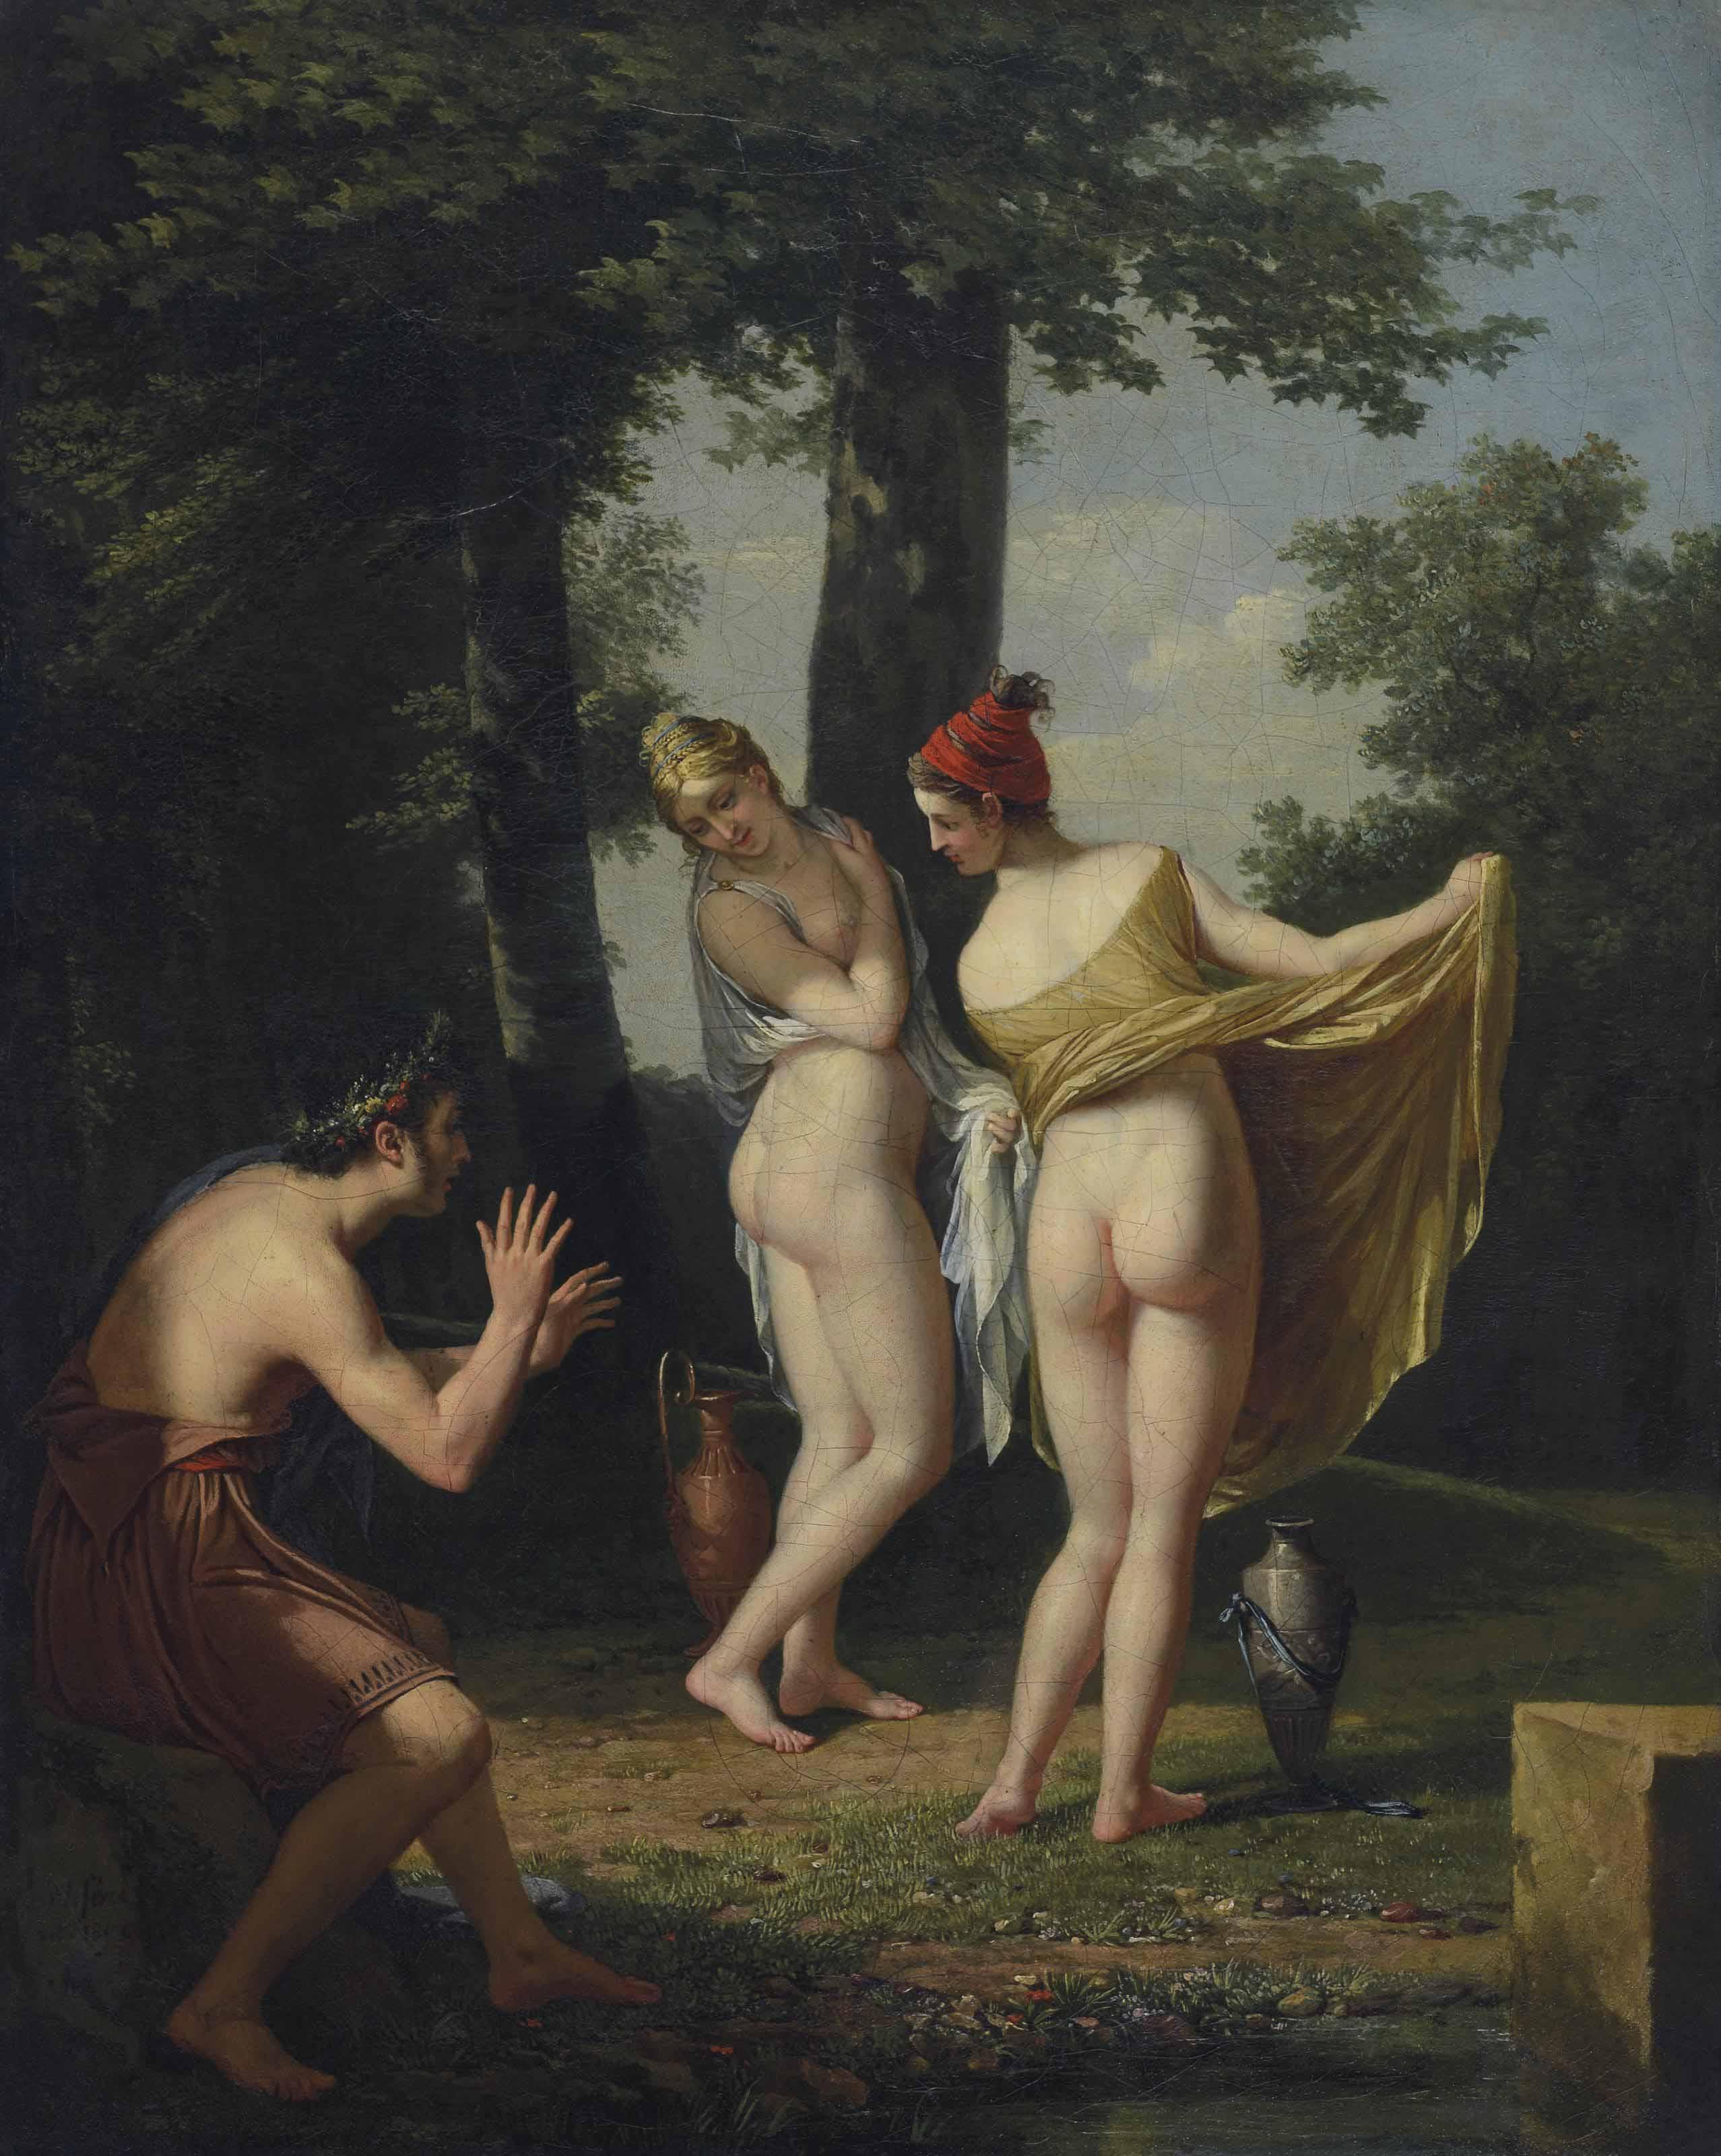 ROBERT-JACQUES-FRANCOIS LEFEVRE (BAYEUX 1755-1830 PARIS)